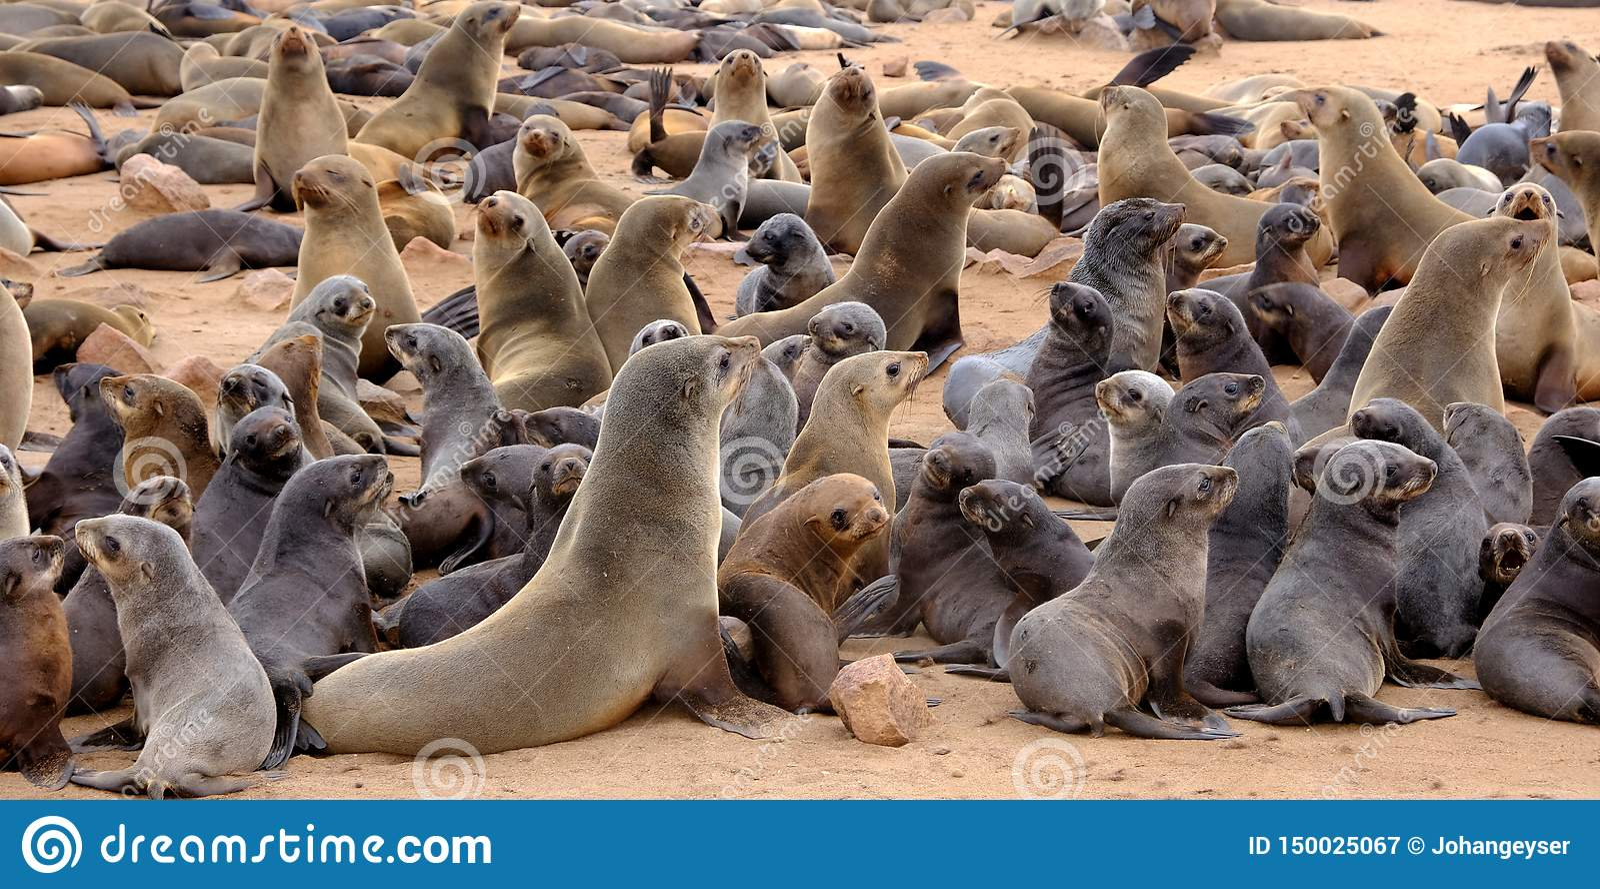 Jeunes bébés phoques de fourrure de cap avec leurs mères à la colonie de joint sur la plage à la croix de cap sur la côte namibie